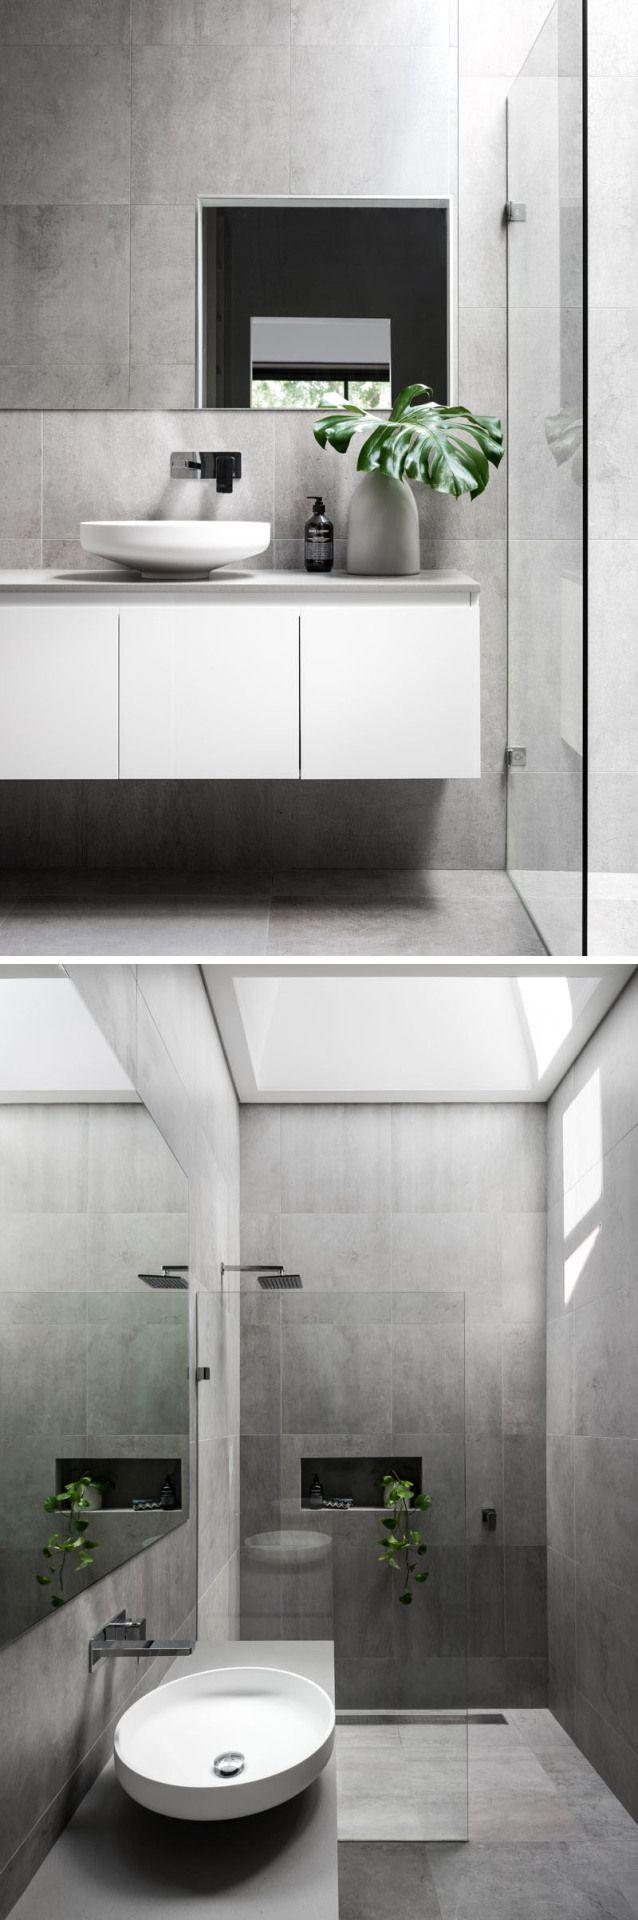 The Wasley - Dalecki Design | Bathroom Design | Pinterest ...